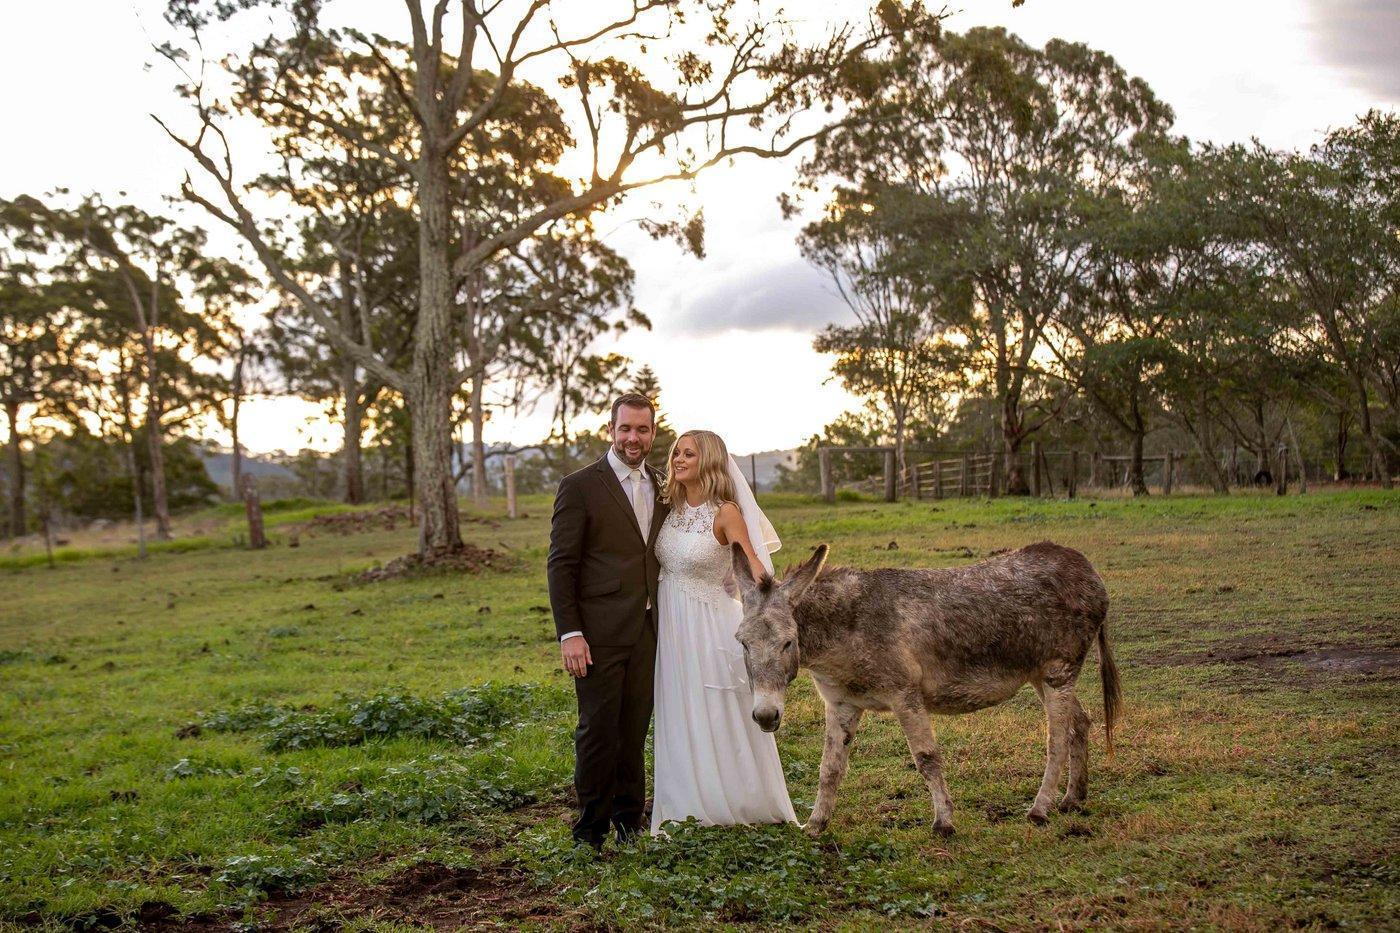 Wedding Photography couple with donkey